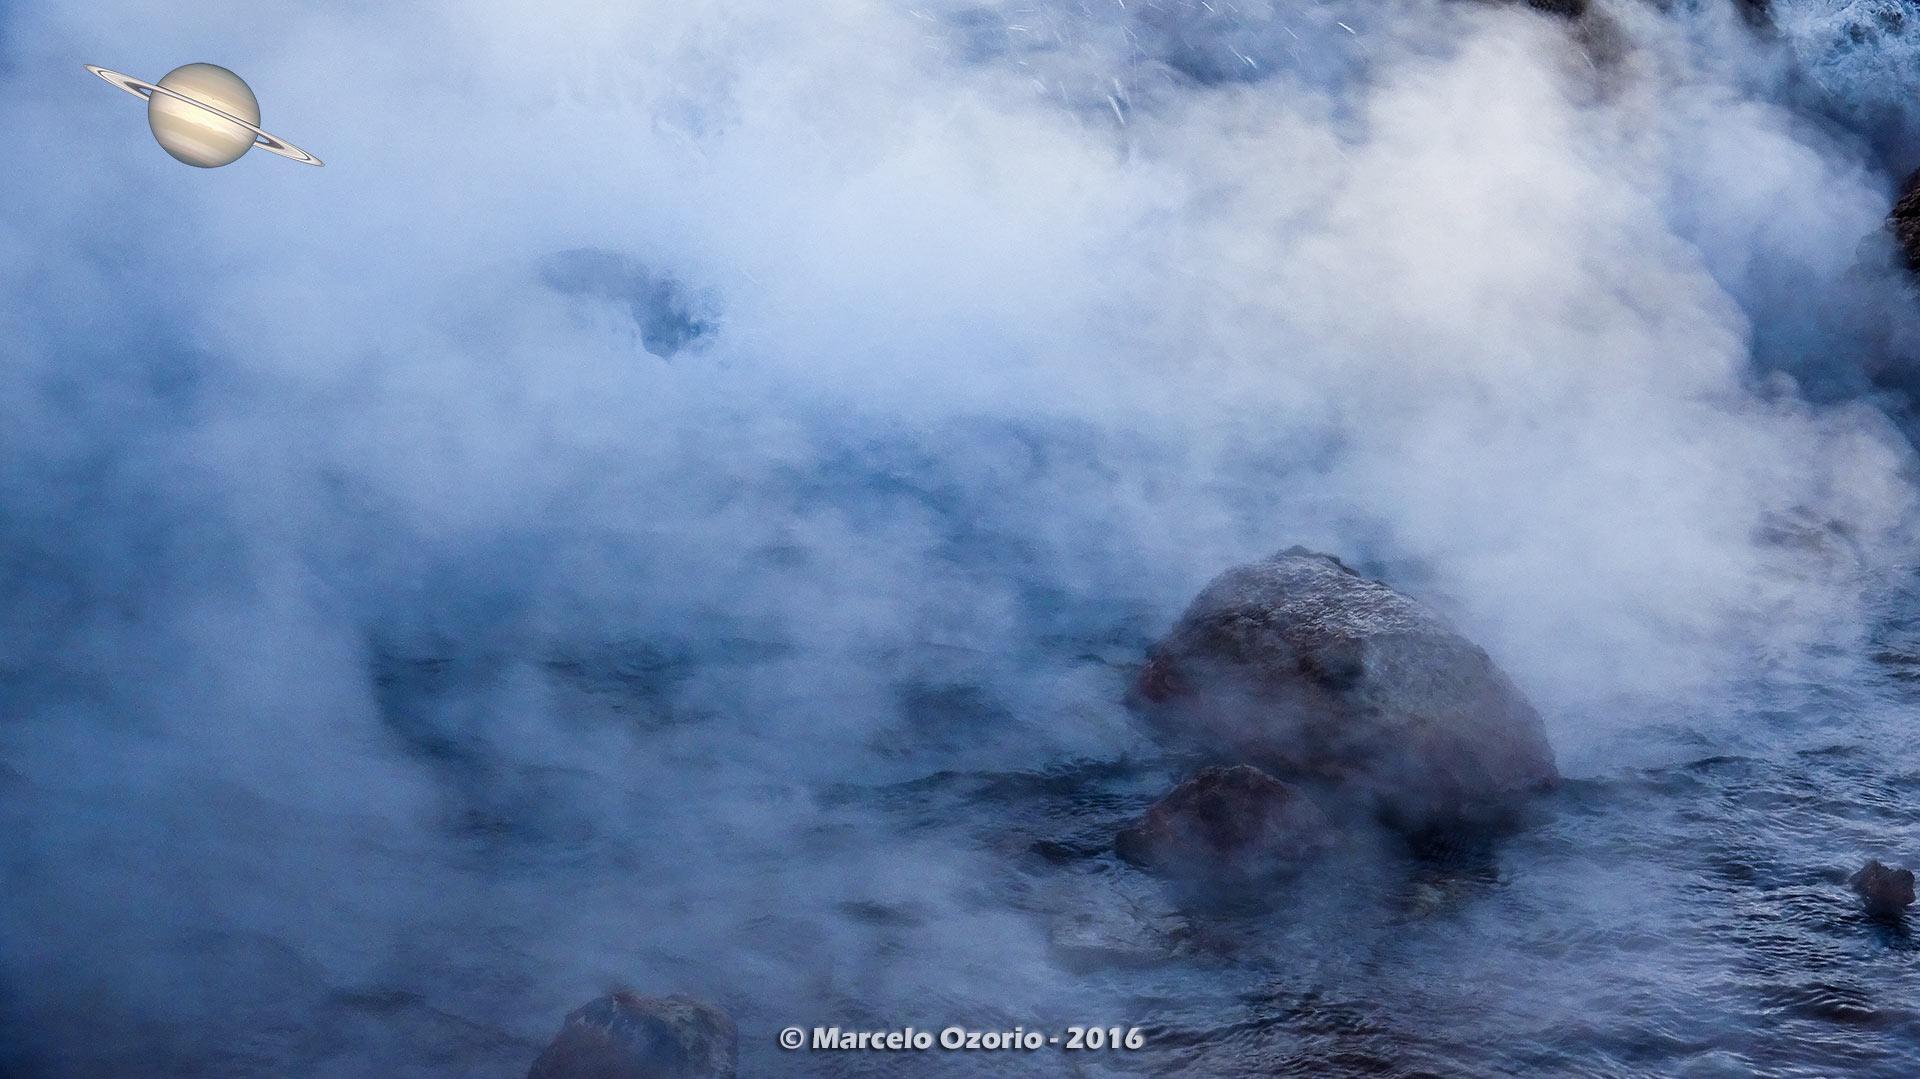 el tatio geysers atacama desert 5 - The Surreal El Tatio Geysers - Atacama Desert - Chile